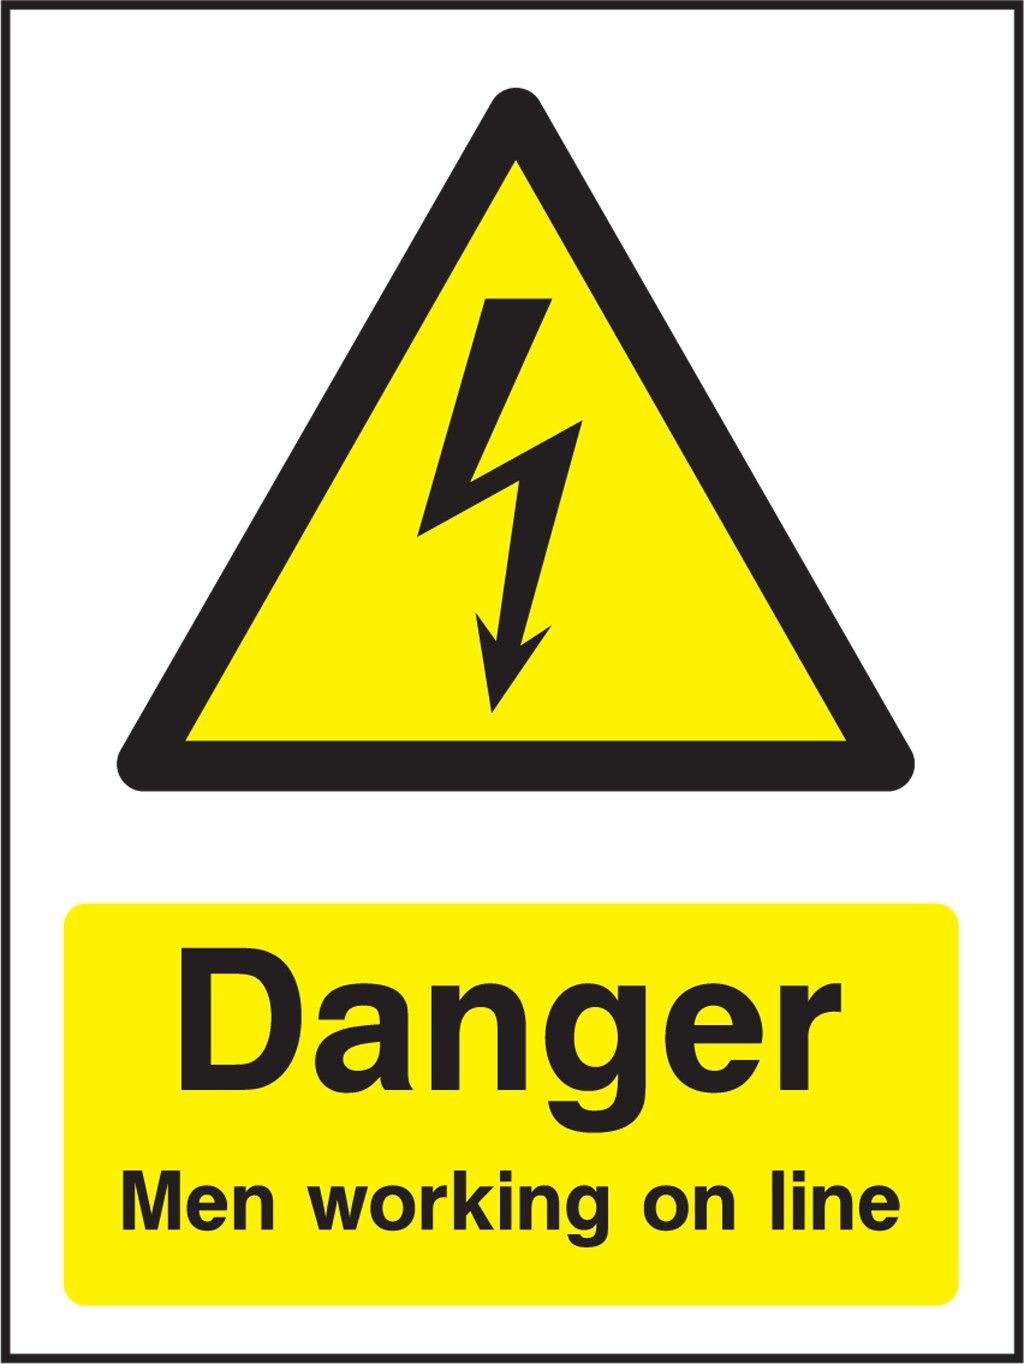 Señal peligro eléctrico henbrandt axfisia trabajando On The ...